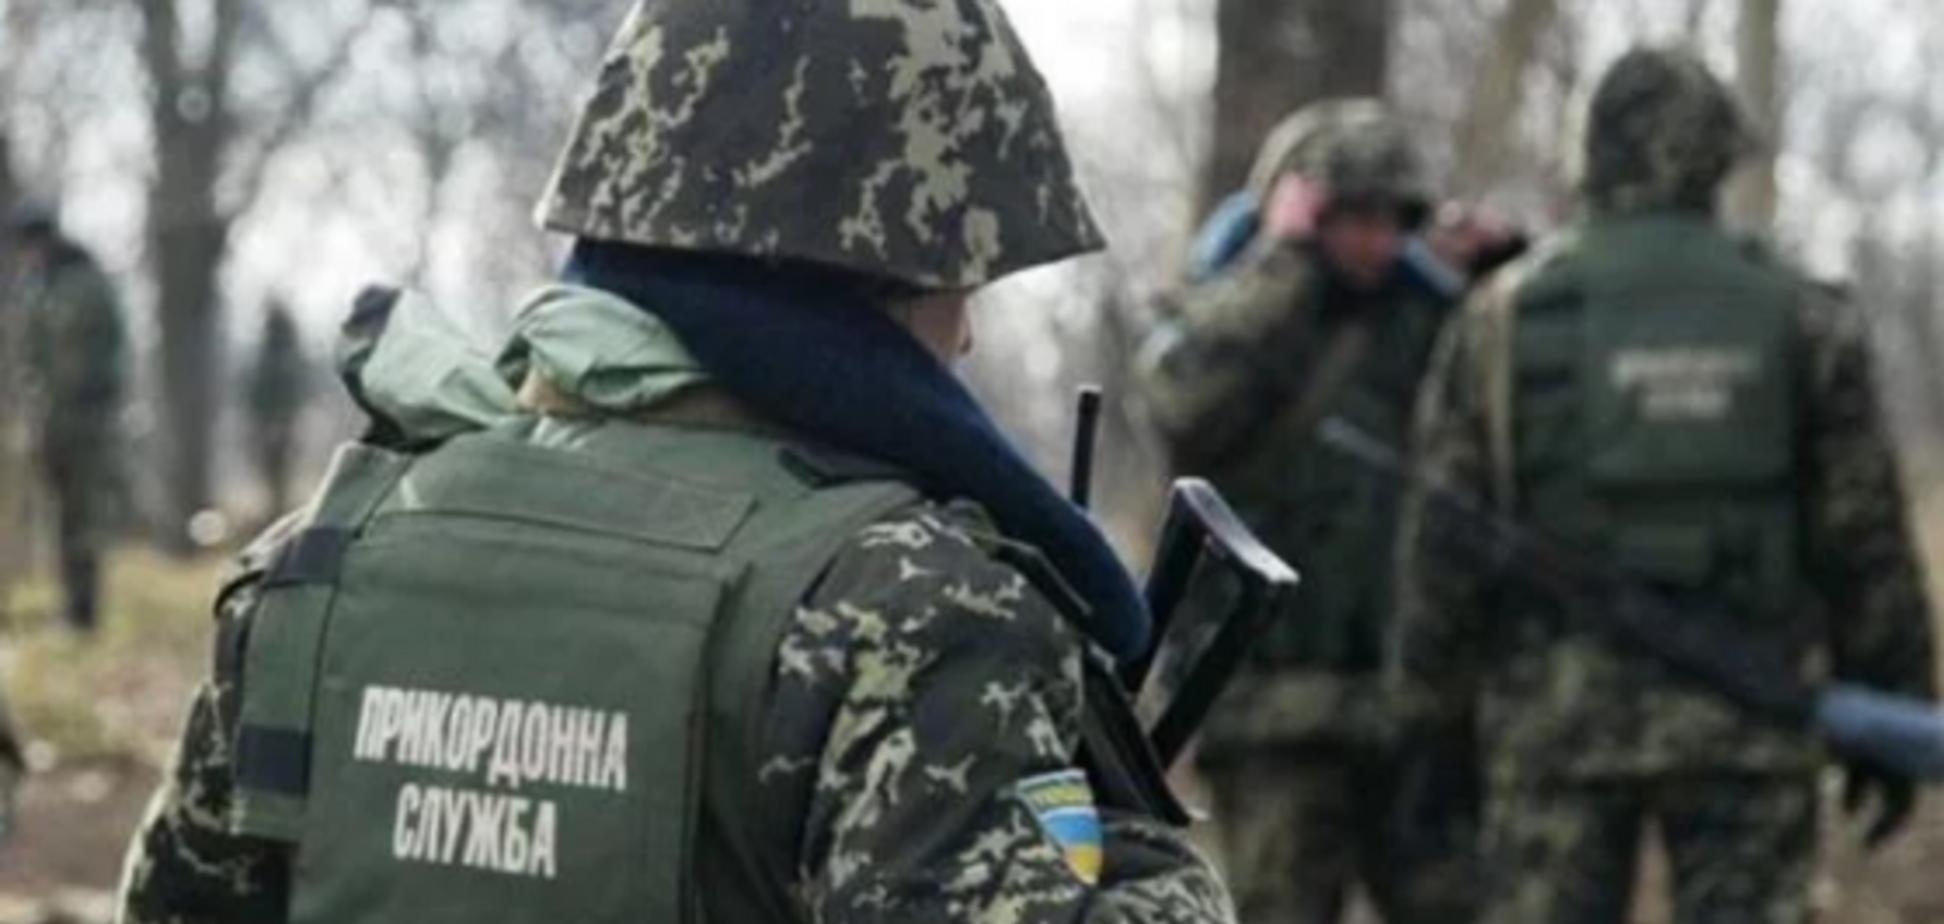 В Одесской области нашли мертвым украинского пограничника: что известно